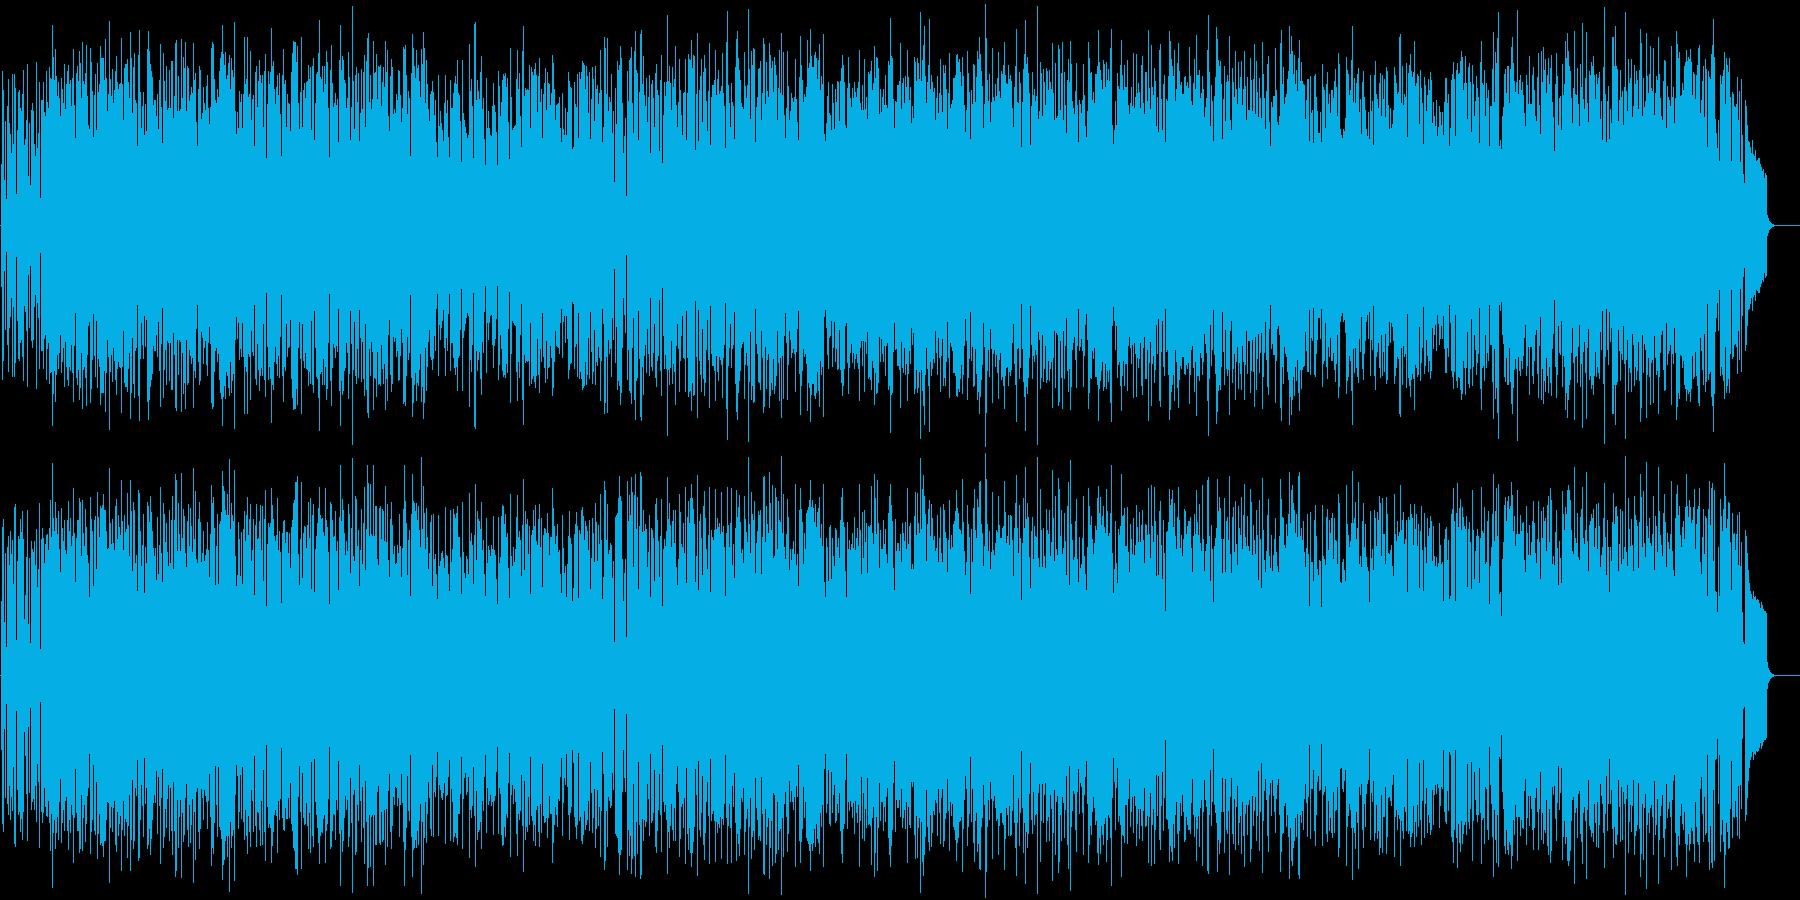 いきいき 軽快 オープニング 元気の再生済みの波形